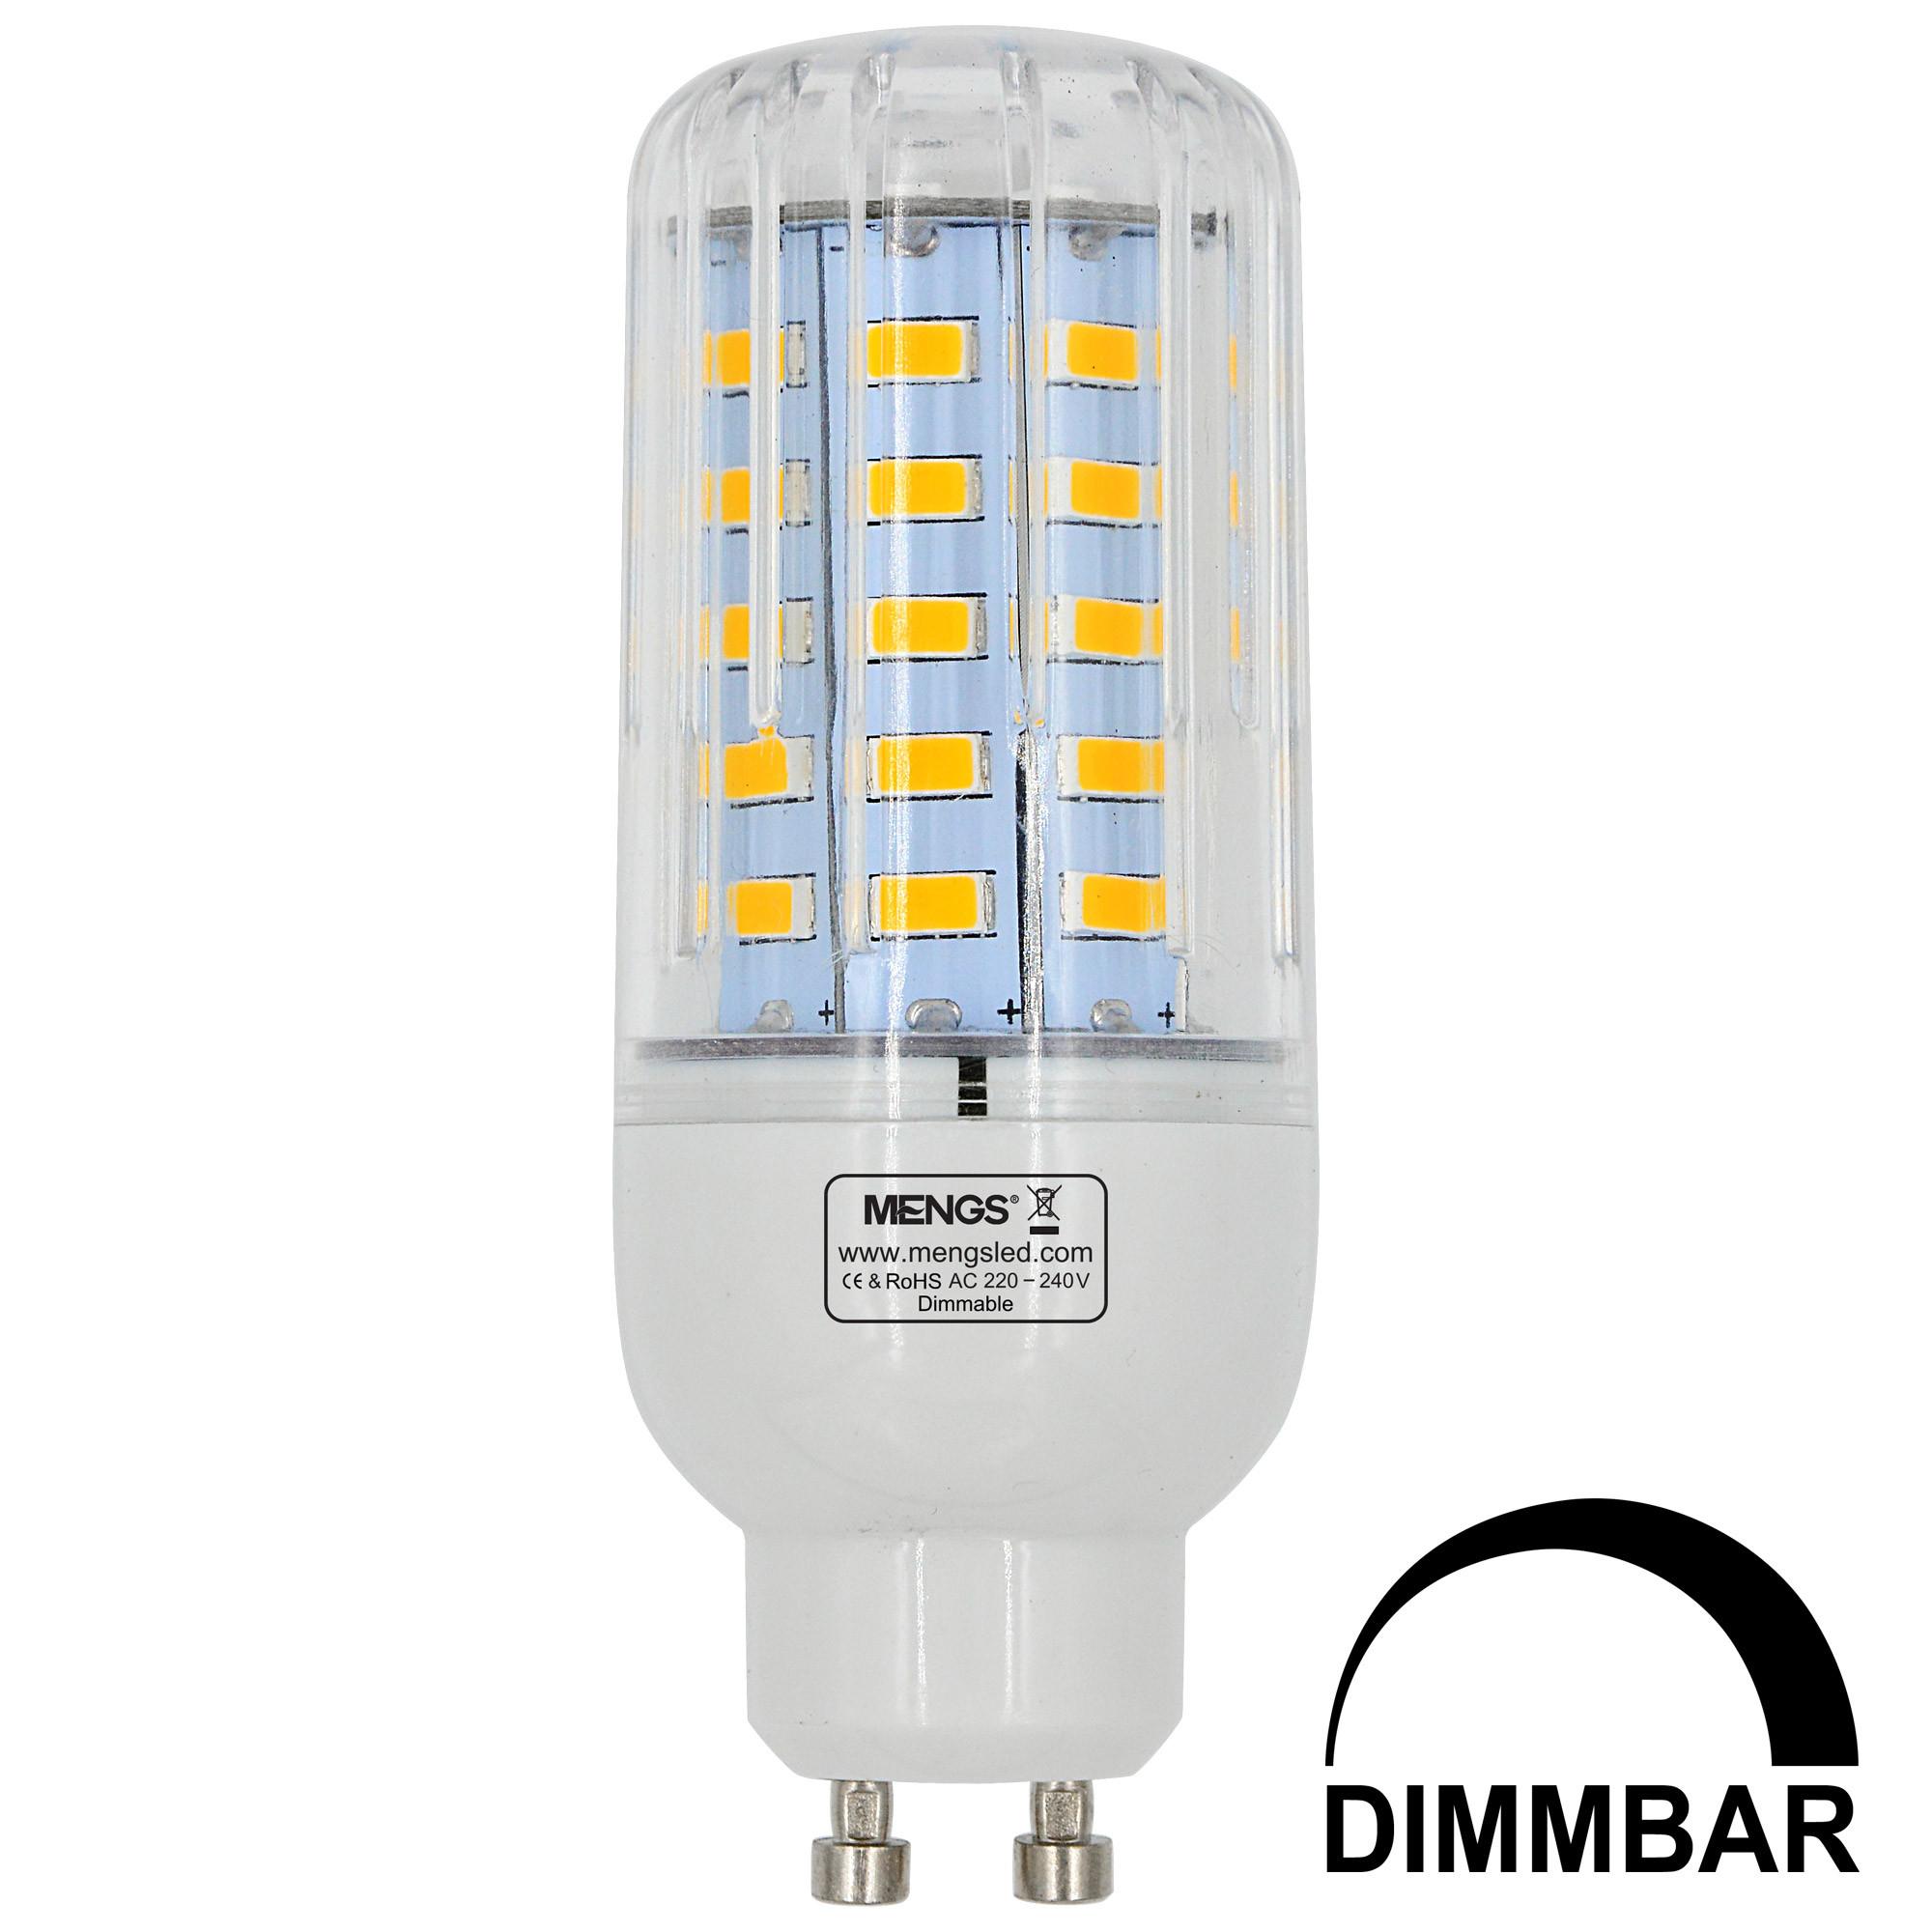 MENGS® GU10 7W LED Dimmable Corn Light 50x 5736 SMD LED Bulb Lamp AC 220-240V In Cool White Energy-Saving Light